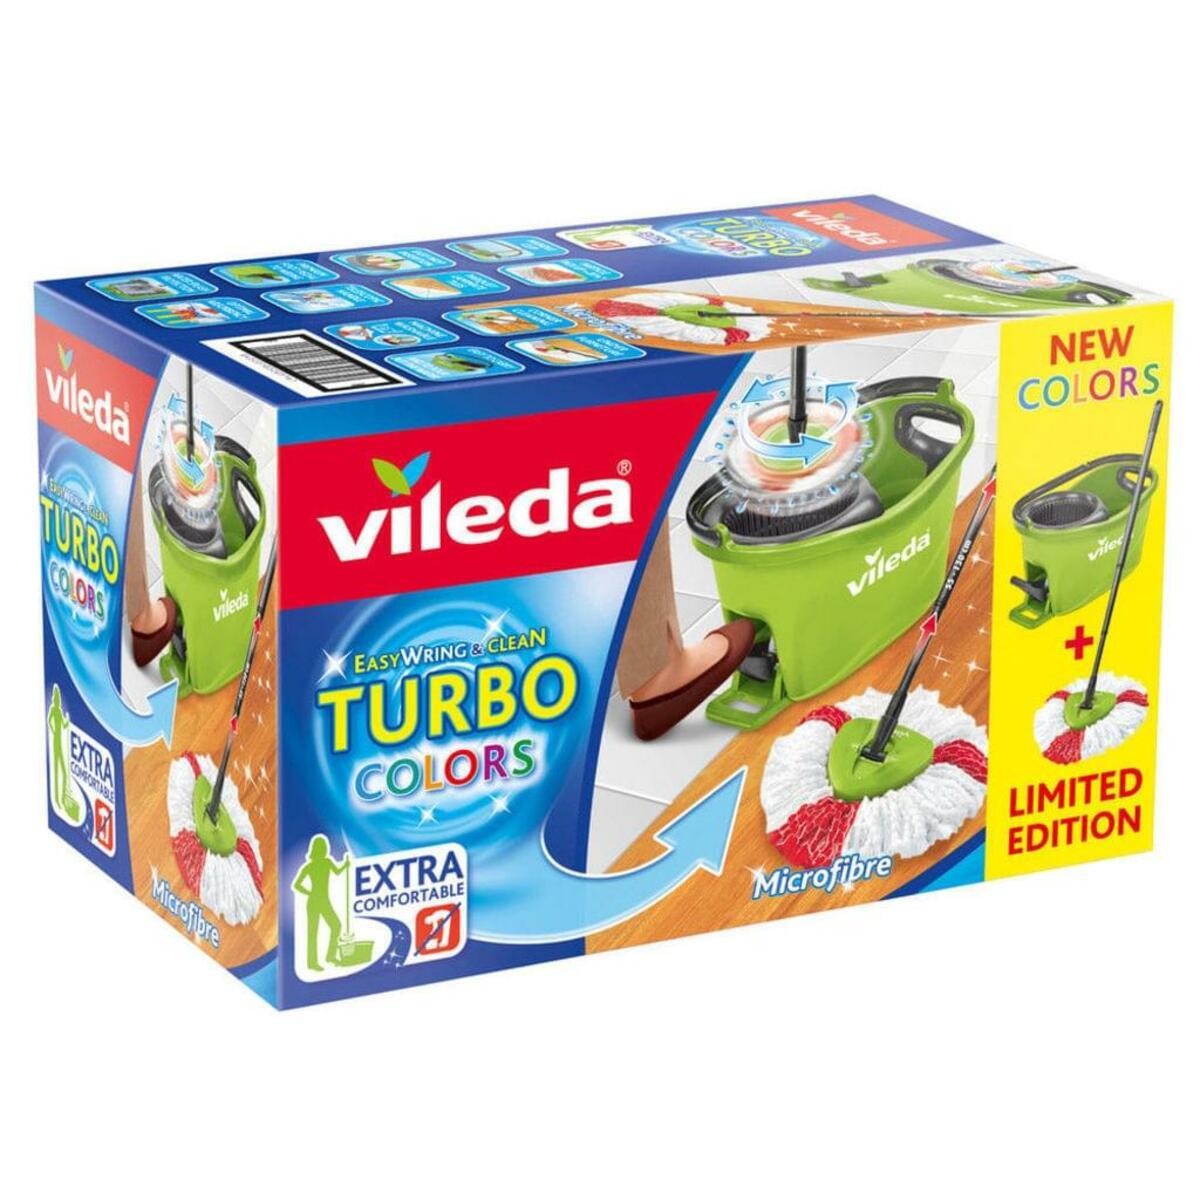 Bild 2 von Vileda Wischmop-Set Turbo Easy Wring & Clean incl. Powerschleuder und Fußpedal, Farbe Grün